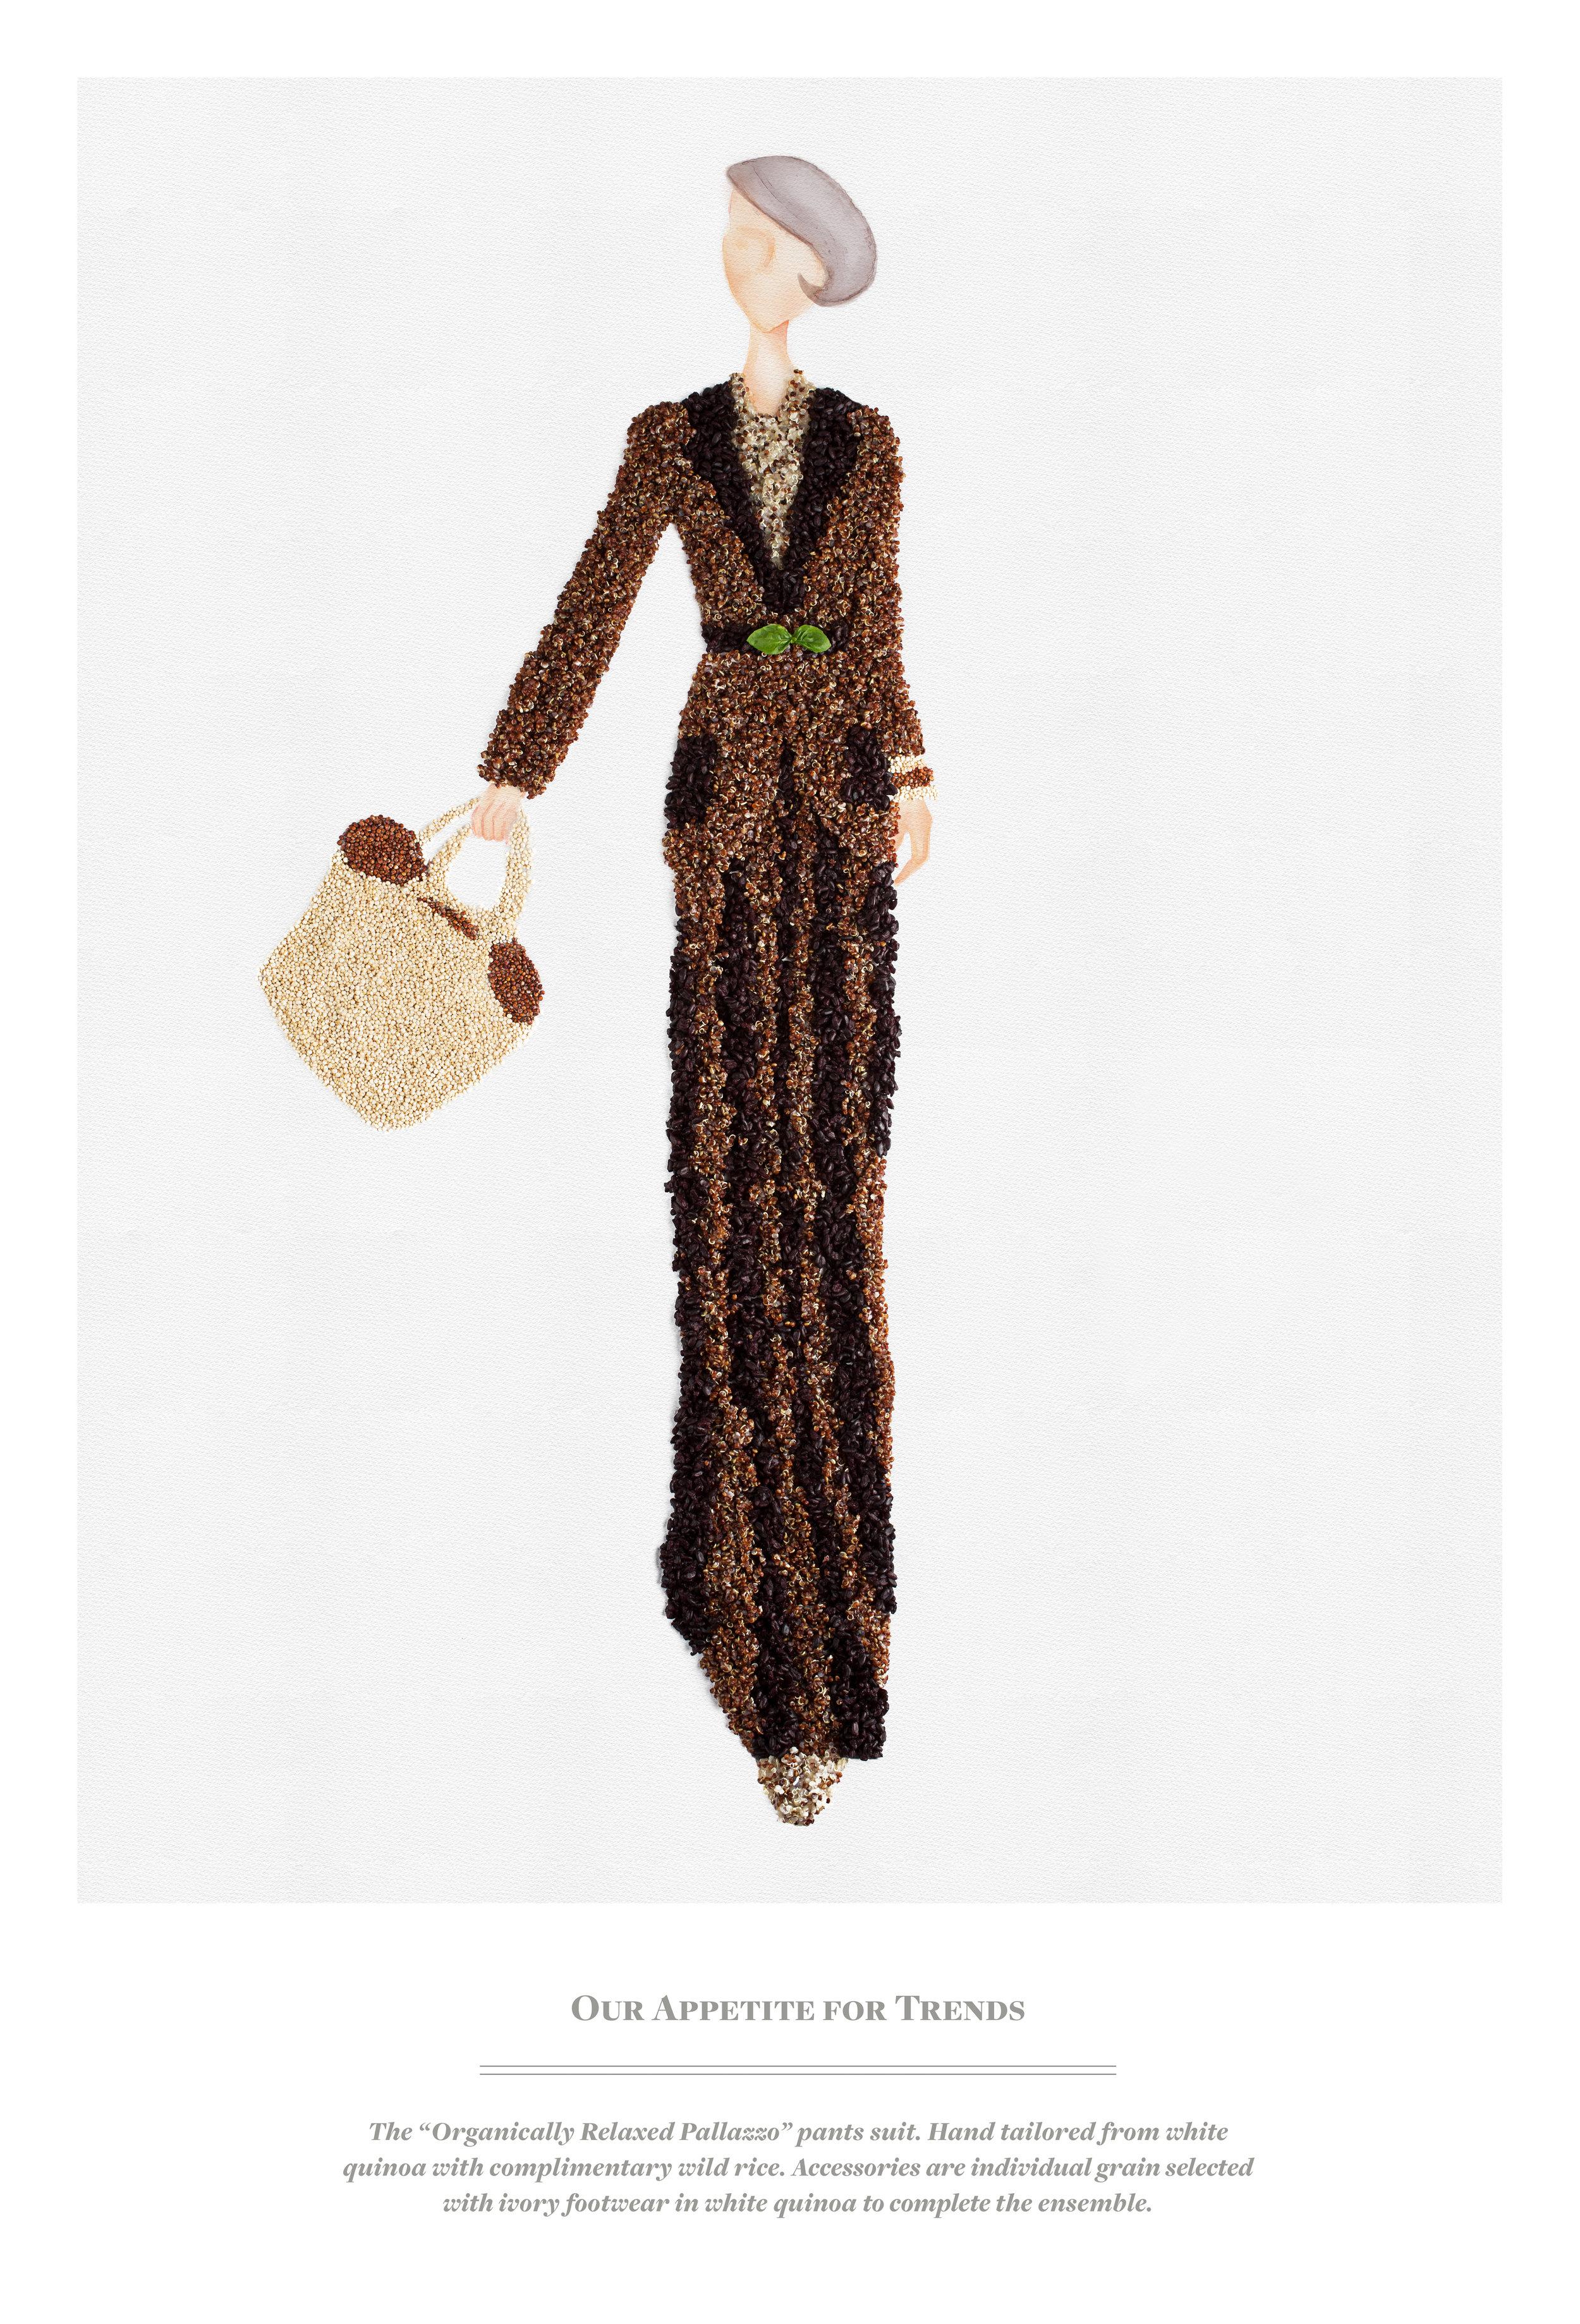 3_E_REinhart_quinoa-suit-v04-fixed-6-small.jpg